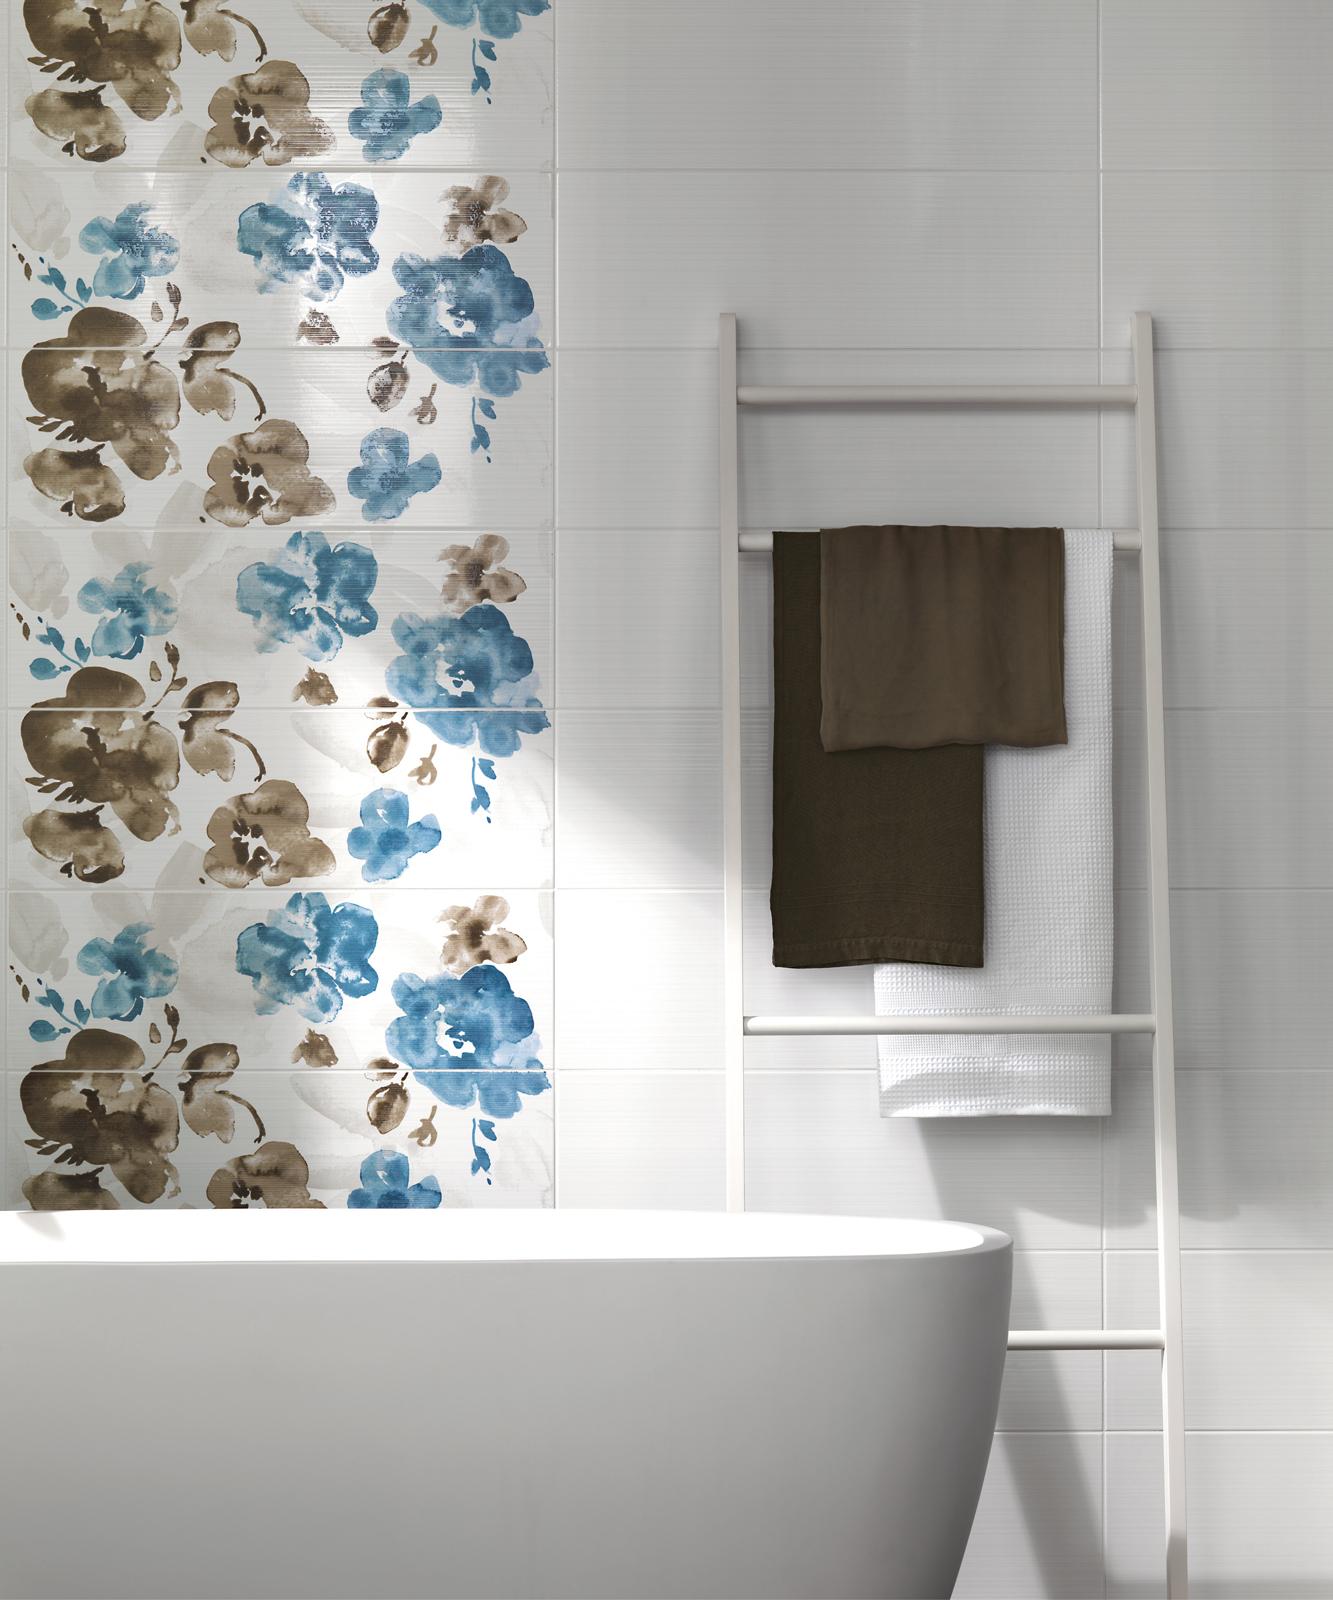 Collezione smart piastrelle colorate per bagno ragno - Piastrelle colorate per bagno ...